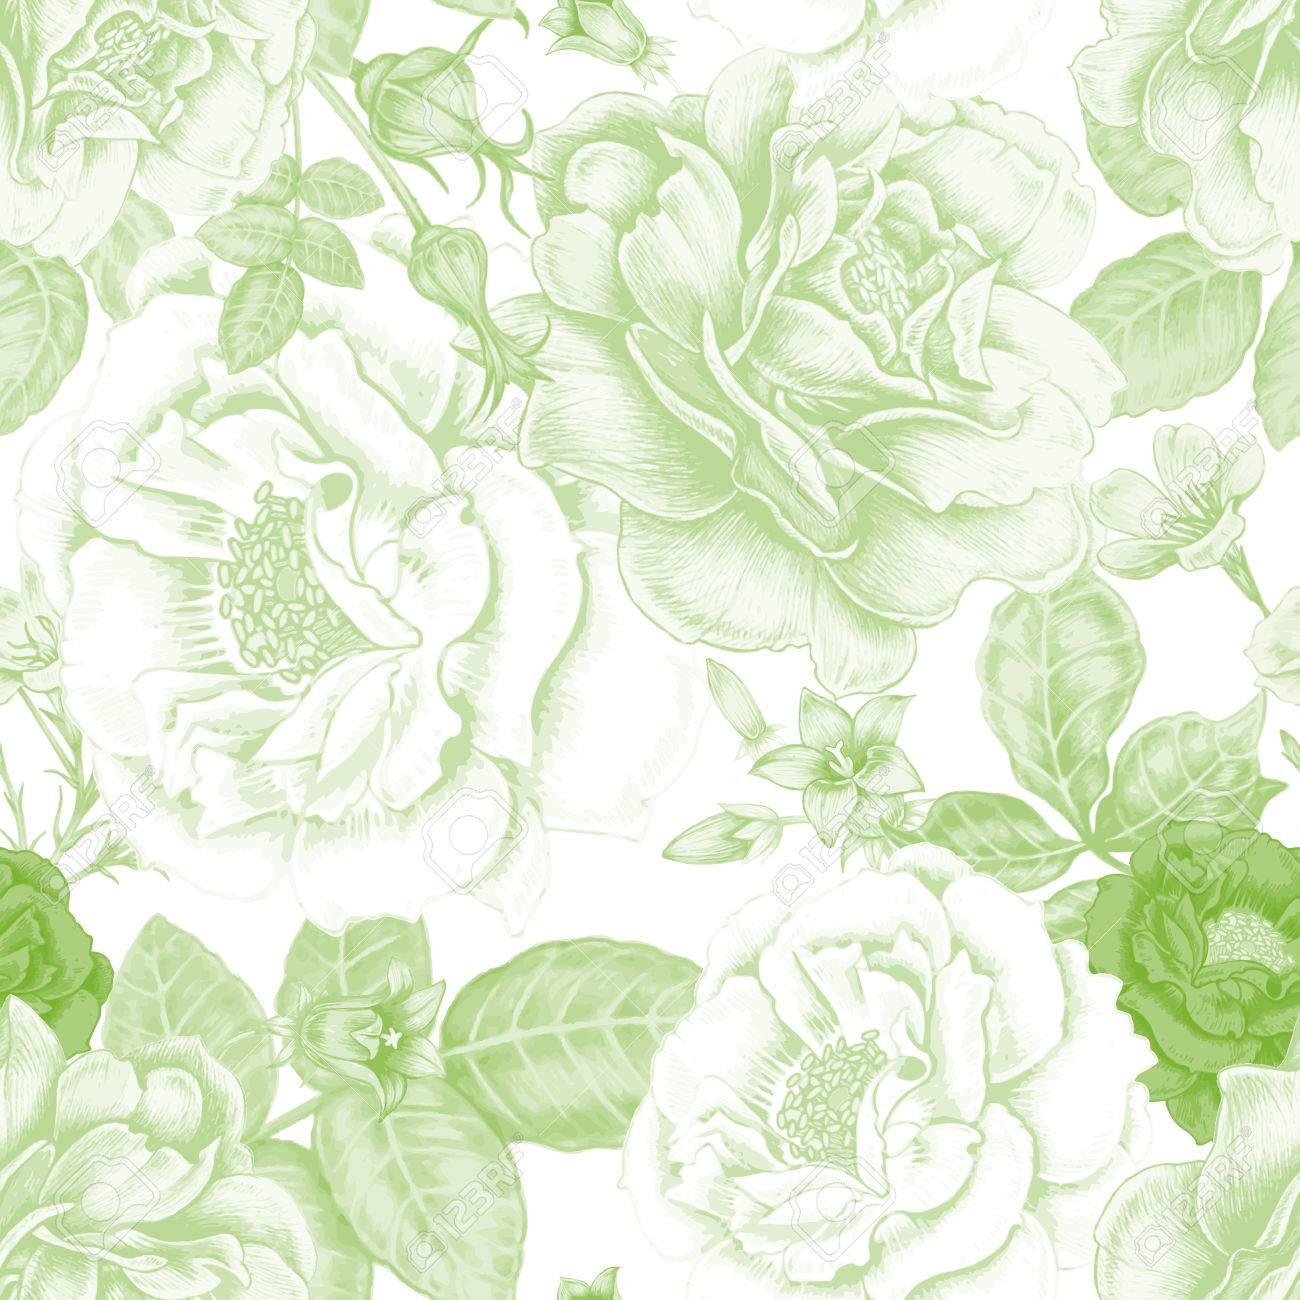 diseo de telas textiles papel papel pintado